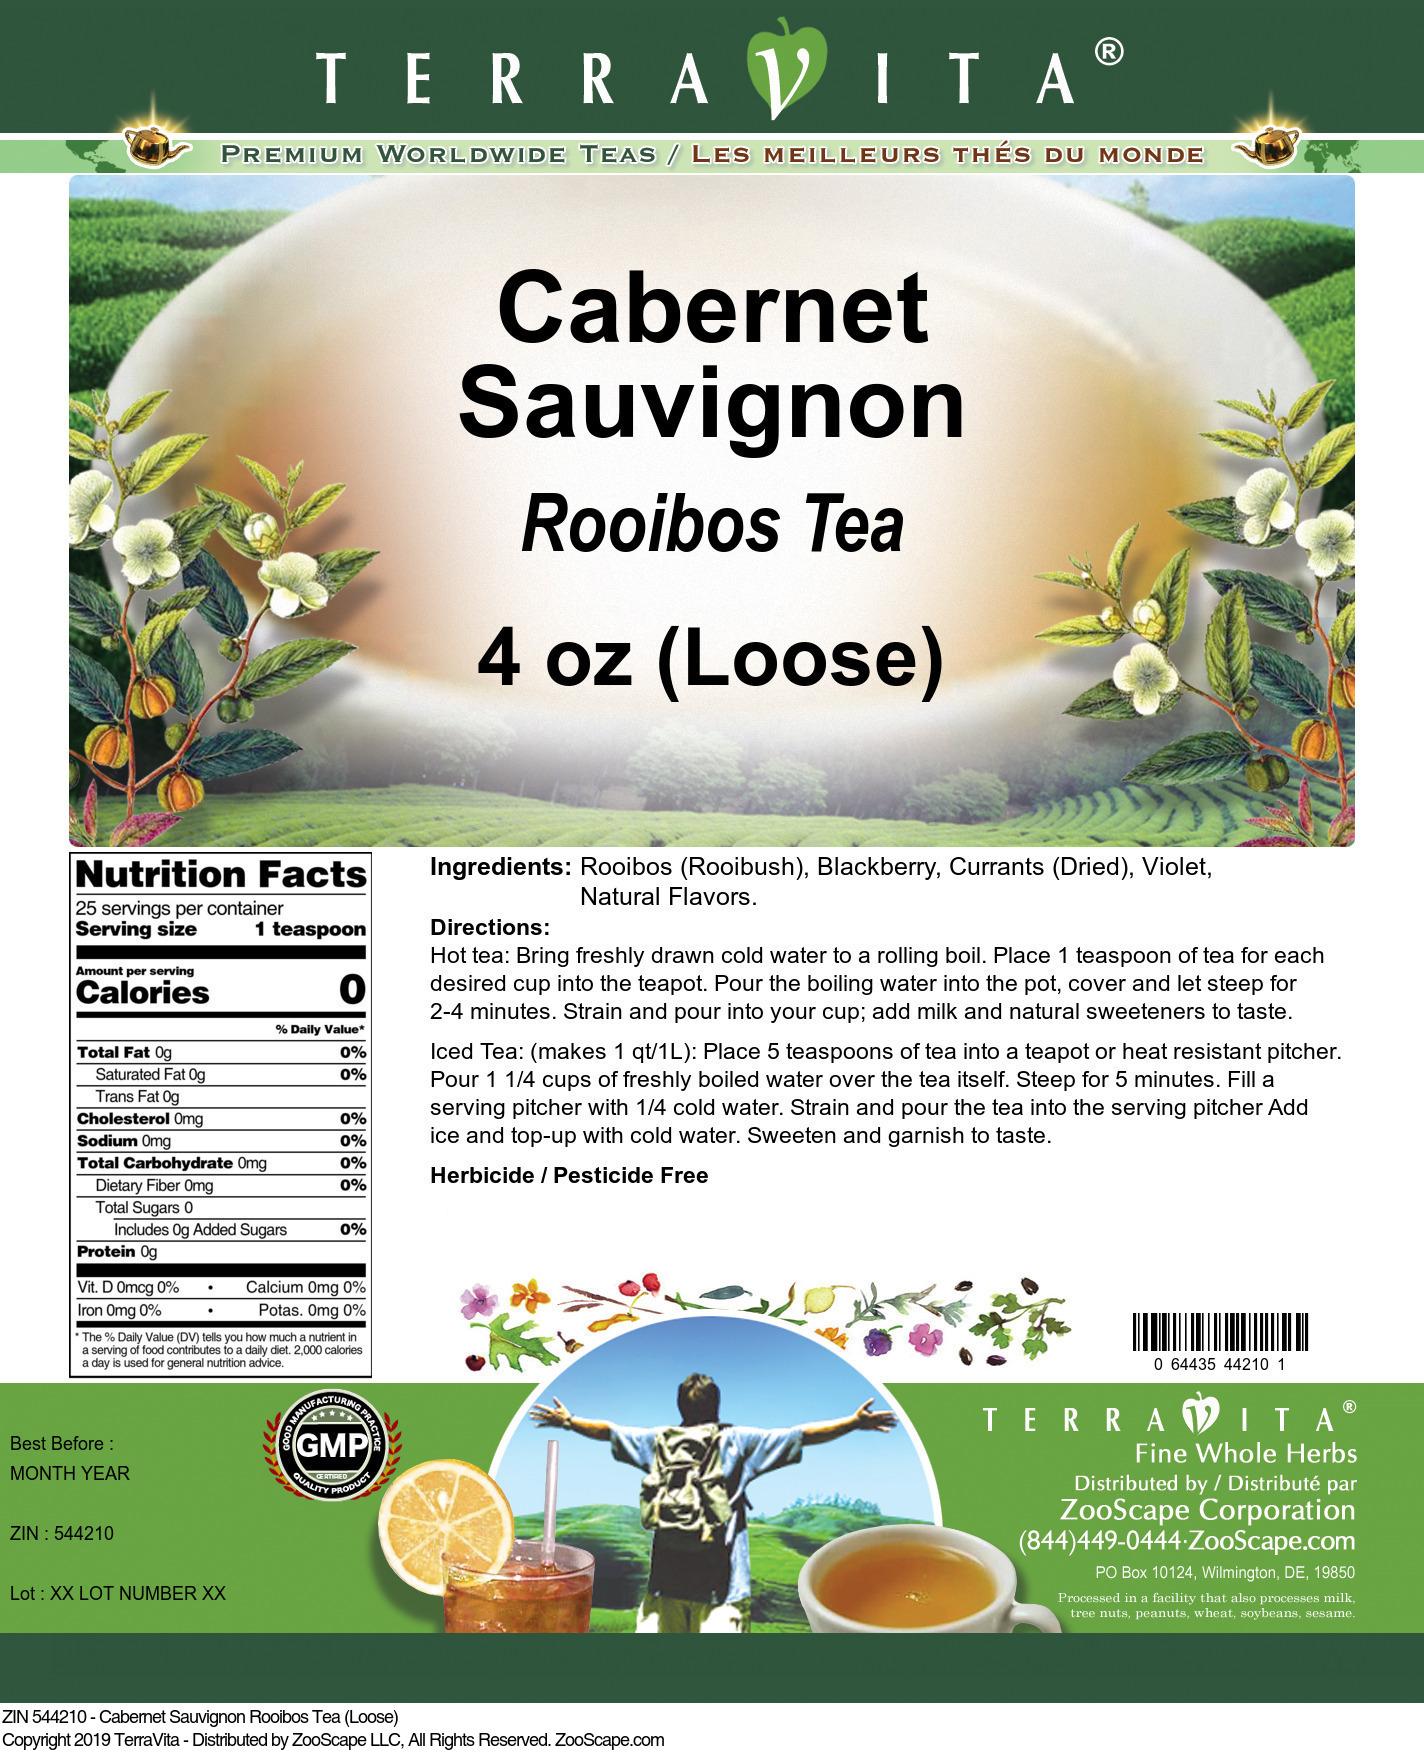 Cabernet Sauvignon Rooibos Tea (Loose)